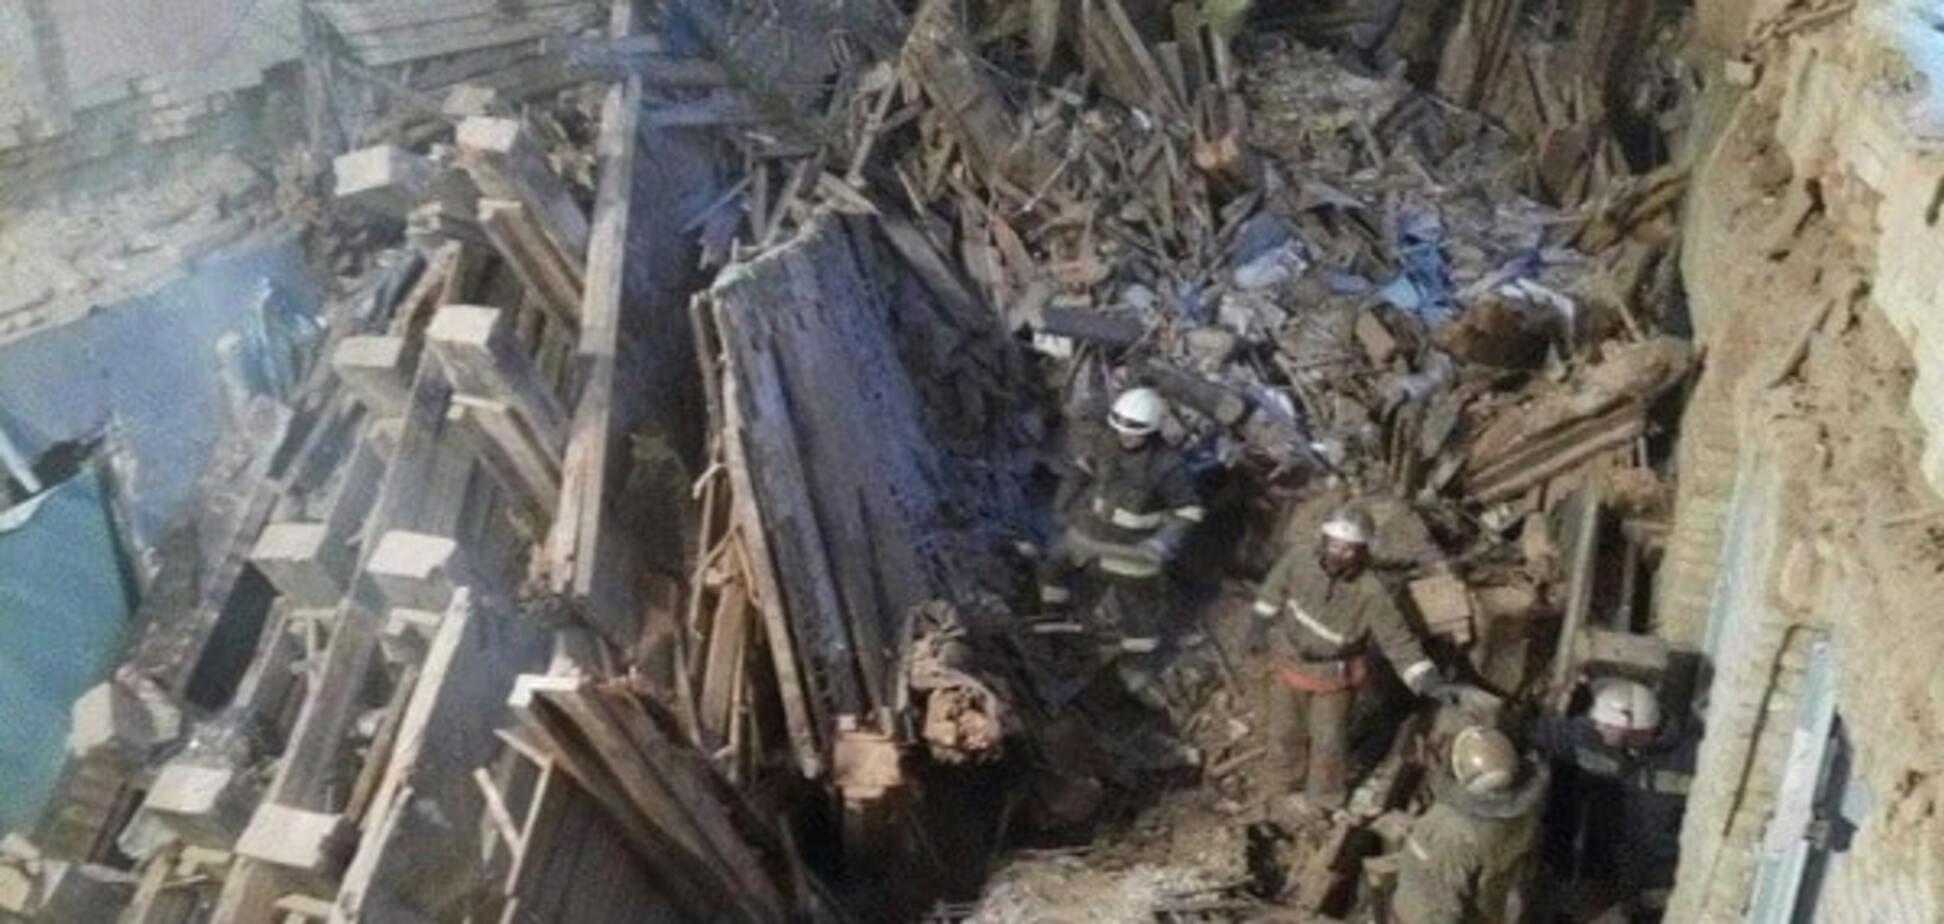 Обвал дома в центре Киева: спасатели показали новые фото и видео с места ЧП